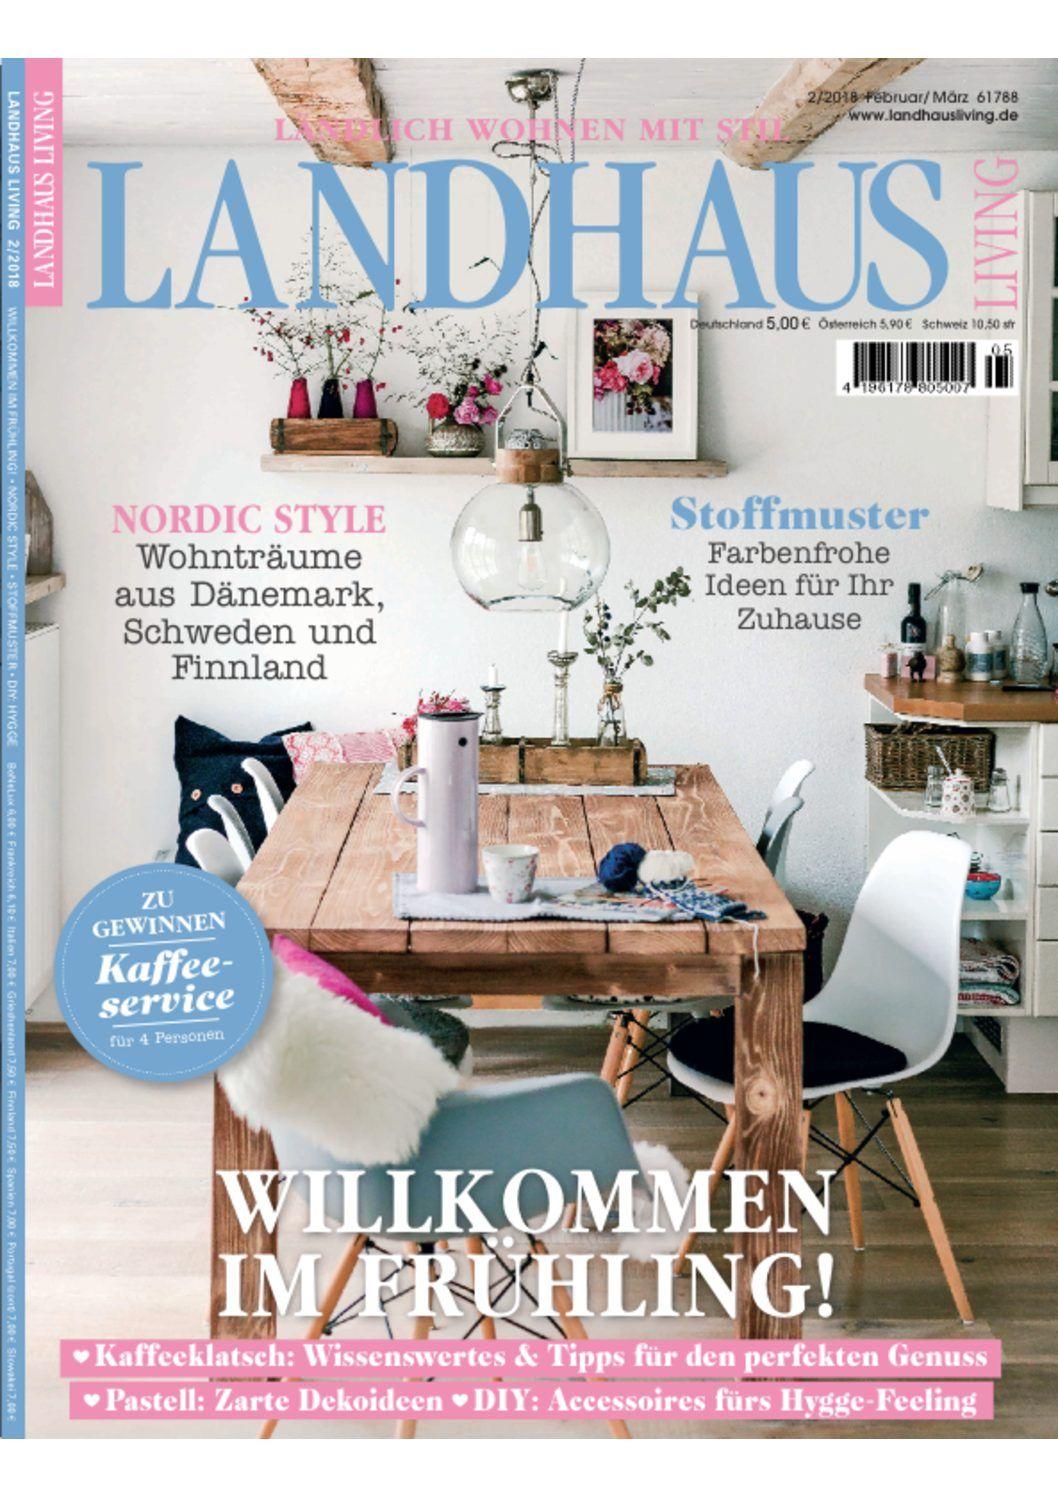 Januardekoration Mit Fruhlingskracher Shelfie Mit Weekendflowers Landhaus Lichtmess Und Regal Dekorationen